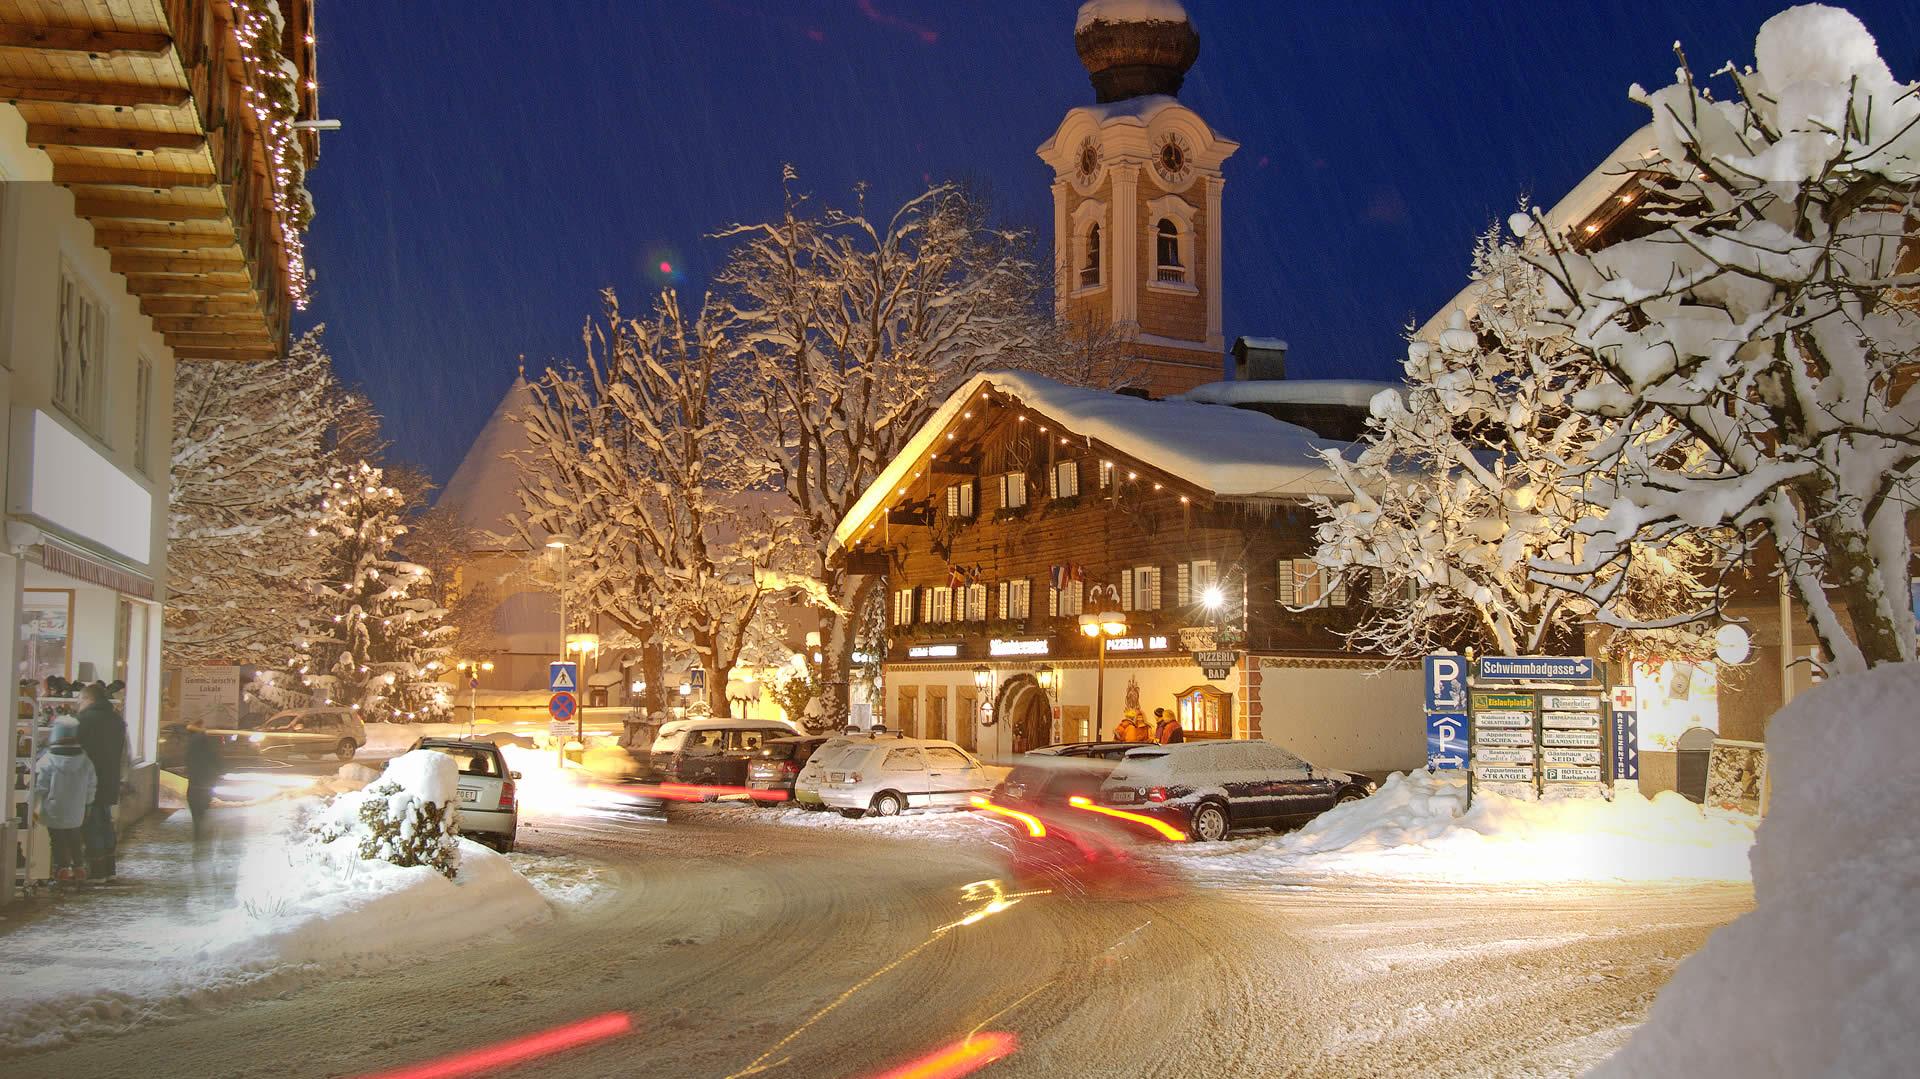 Hotel & Gasthof Markterwirt - Altenmarkt im Pongau